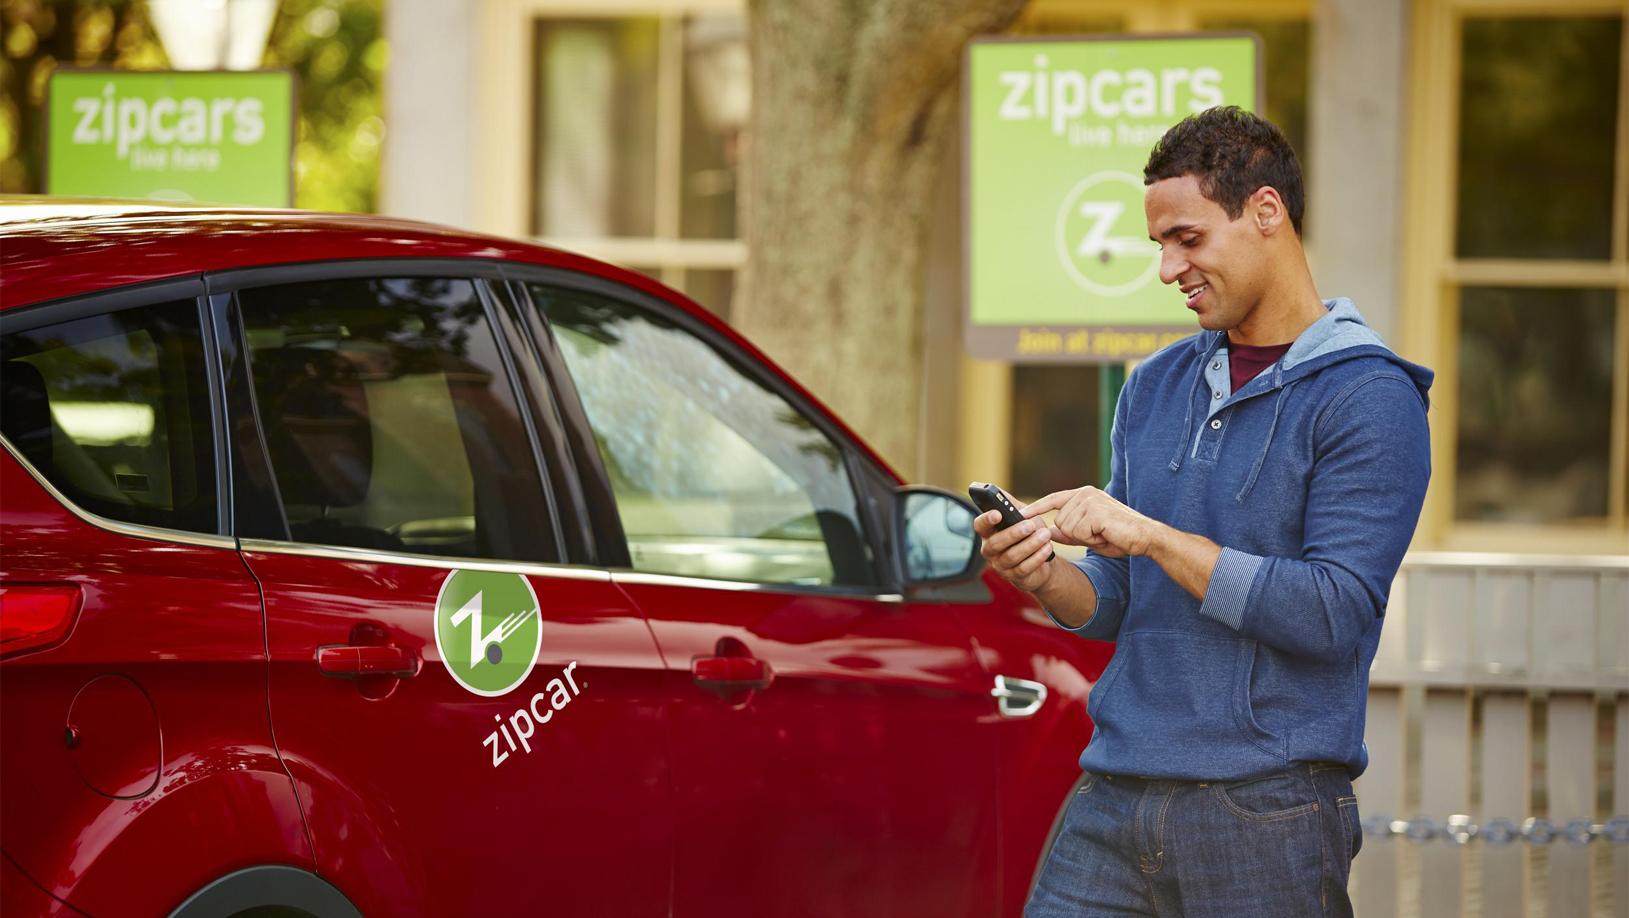 Zipcar Kunde steht vor einem Ford Focus